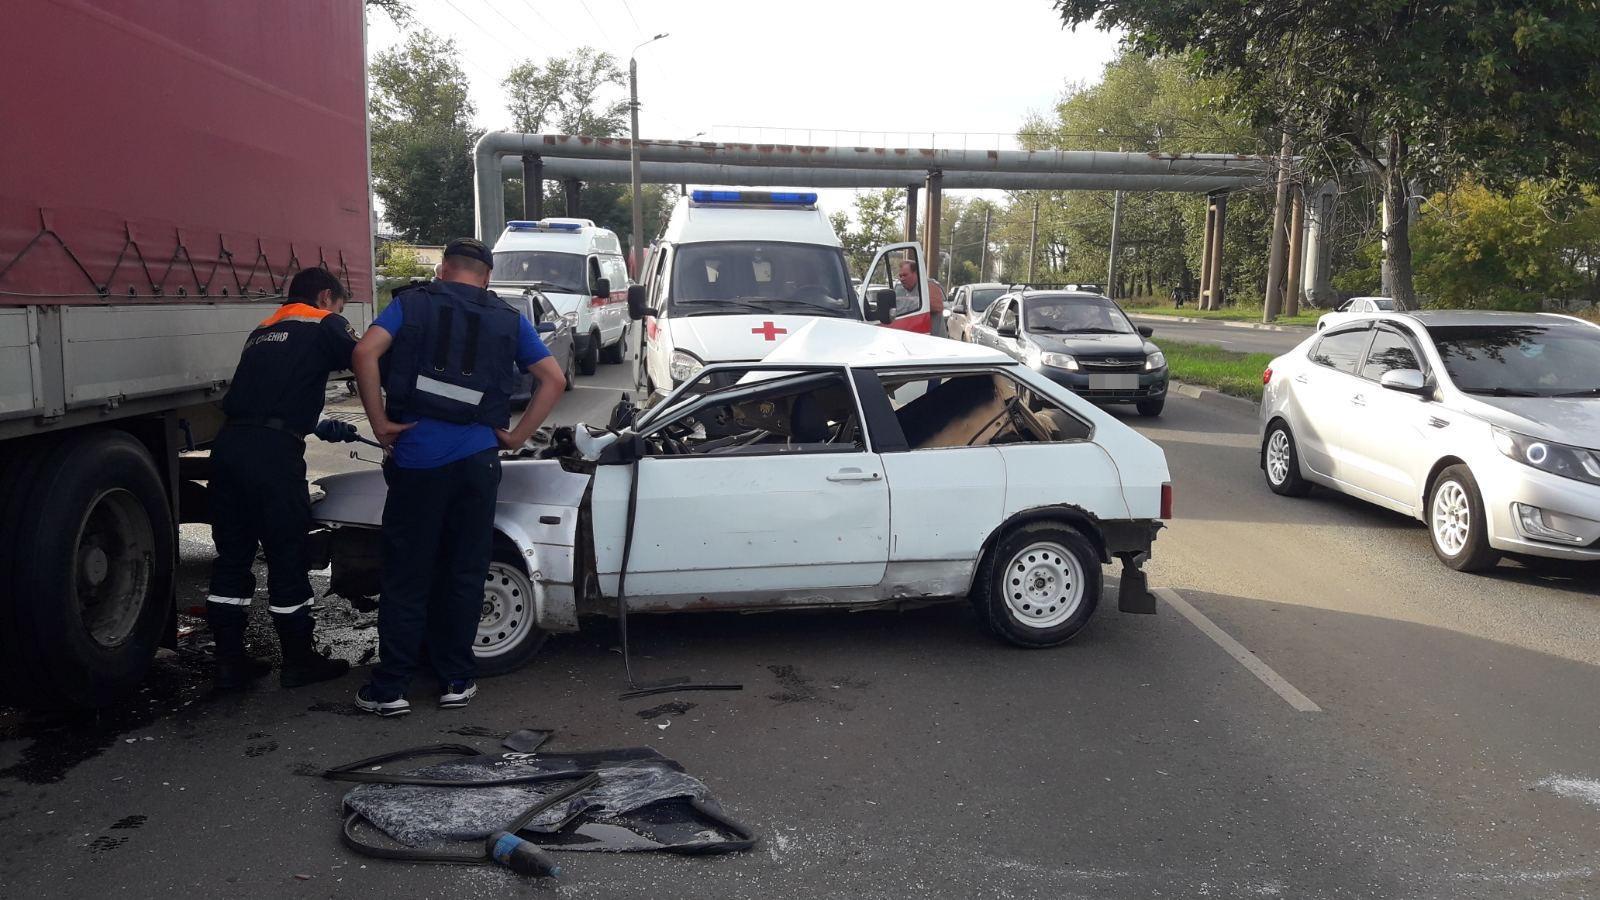 Раздавило грузовиком. В Челябинске в ДТП погибла 20-летняя девушка ВИДЕО